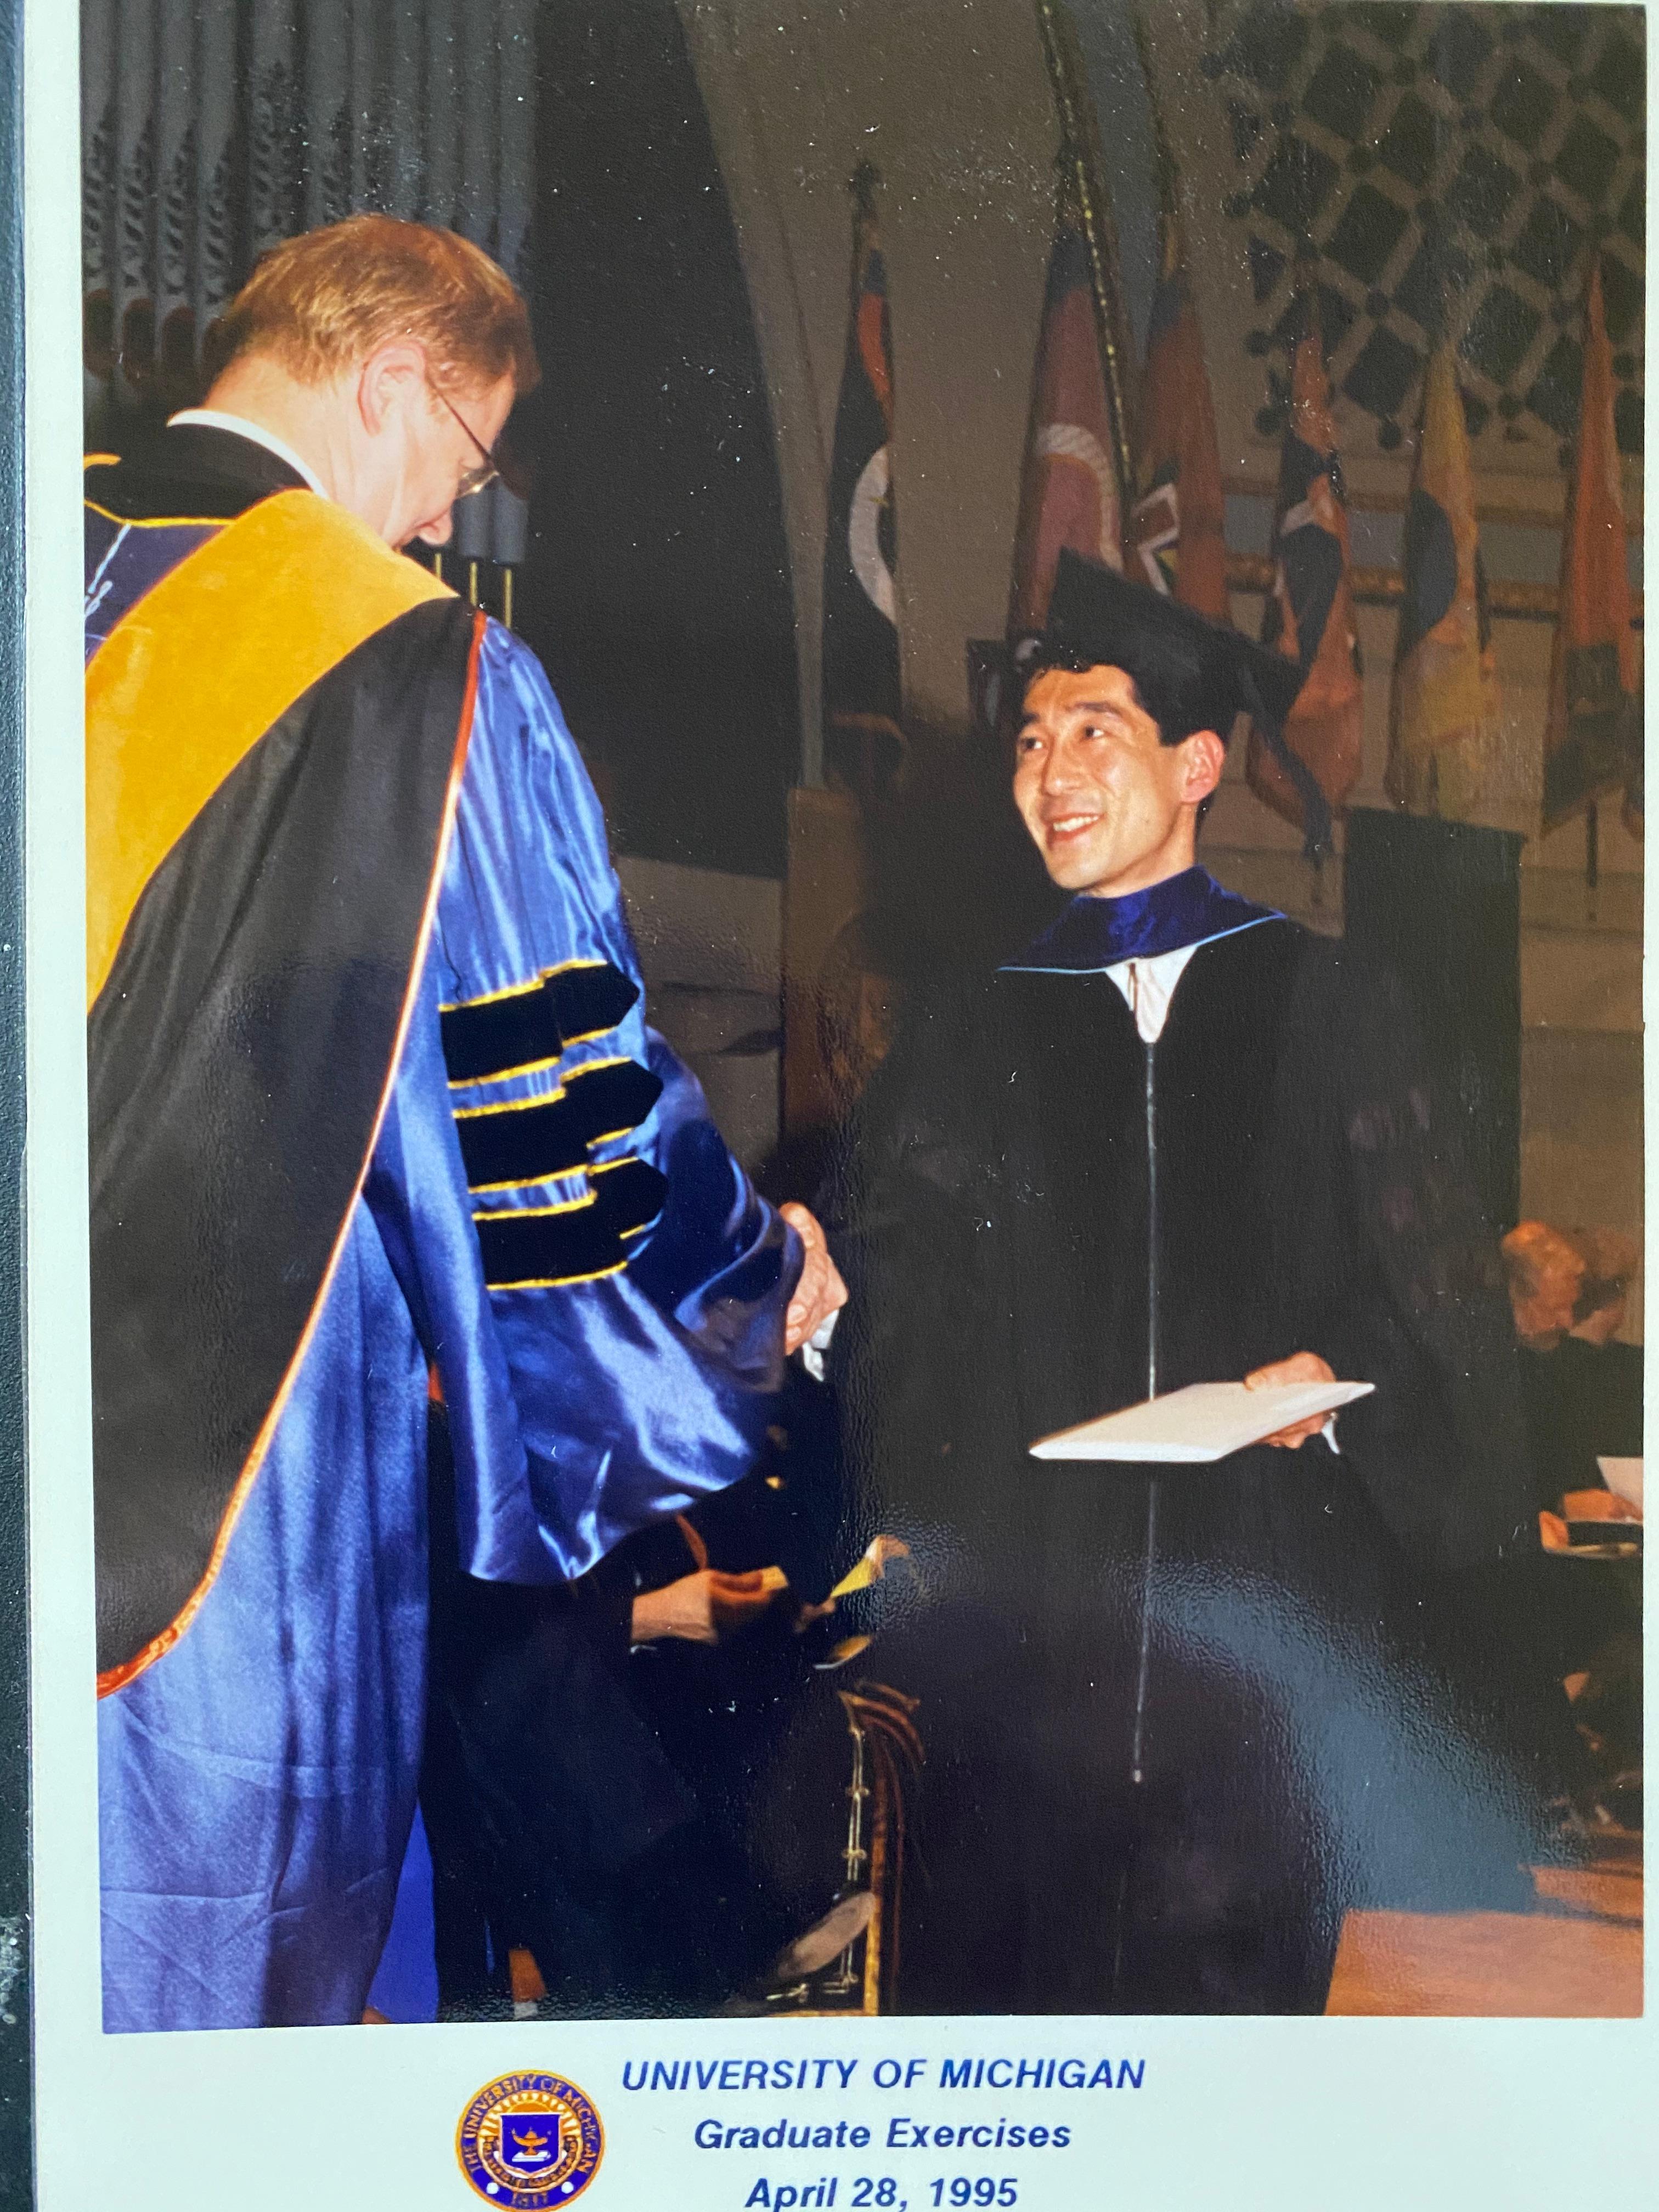 Kaz Michigan Graduation